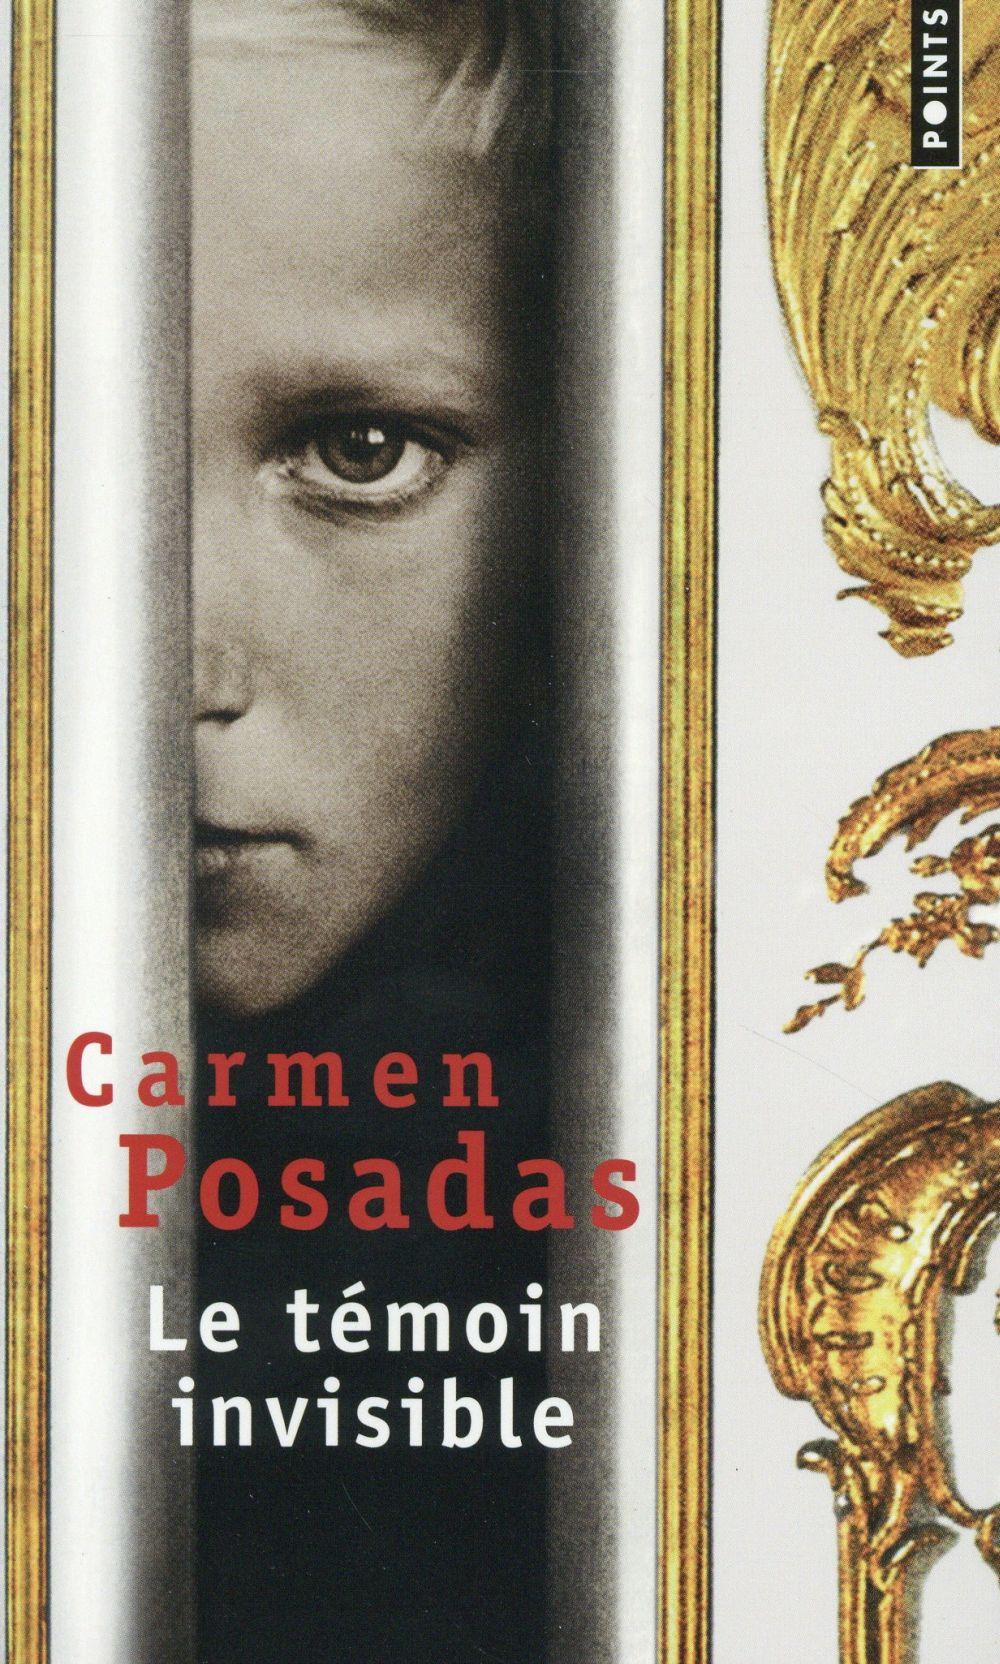 Posadas Carmen de - LE TEMOIN INVISIBLE